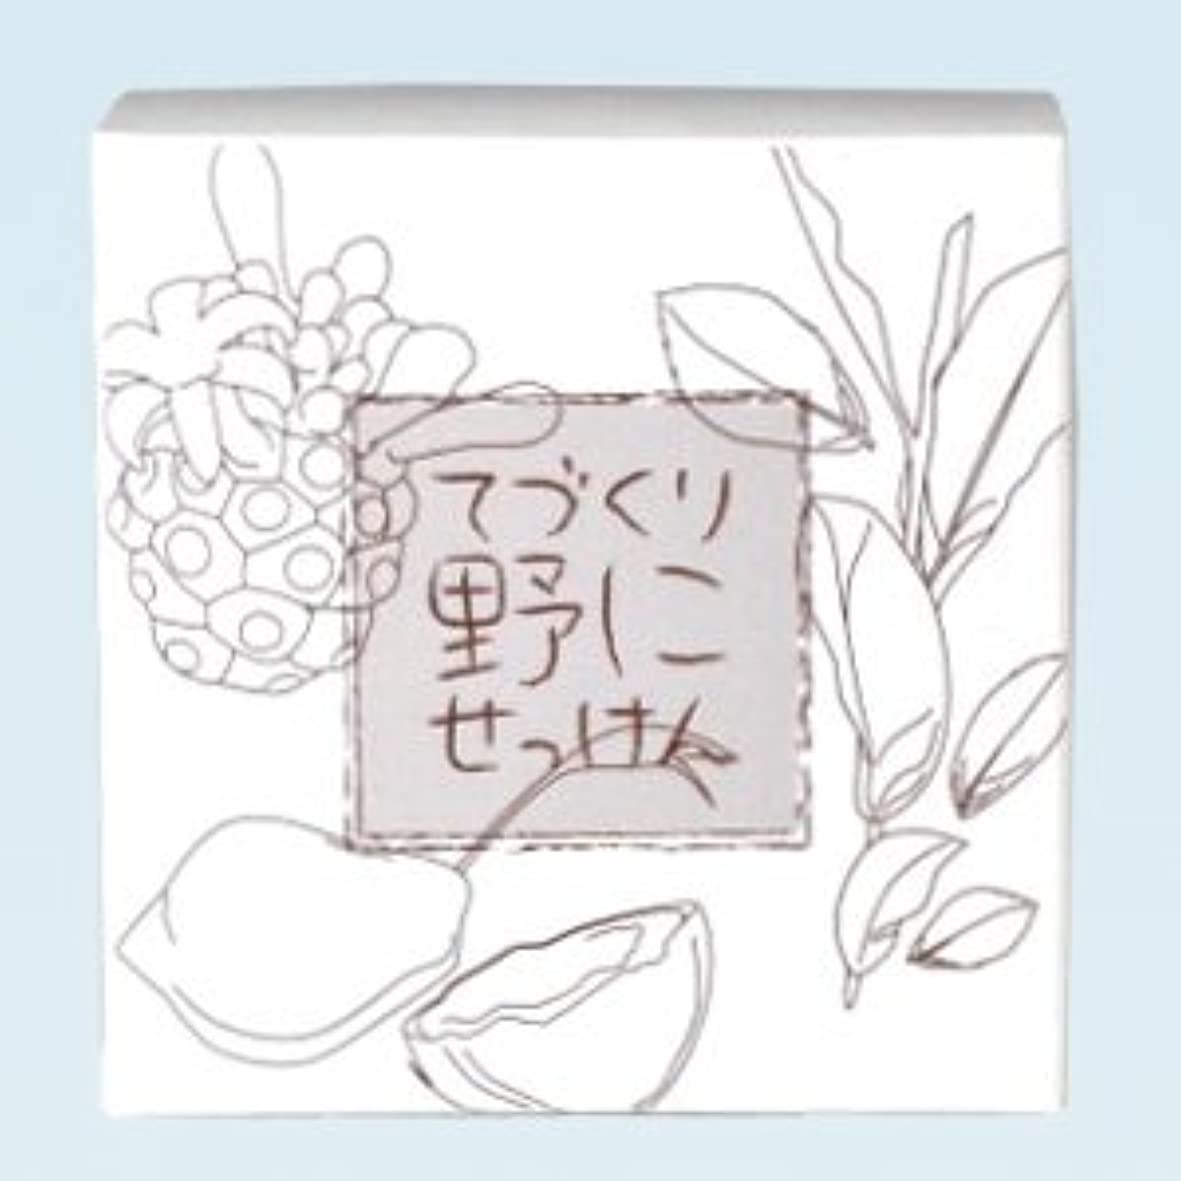 童謡適用済み蜜緑茶ノニ石鹸 てづくり野にせっけん(115g)